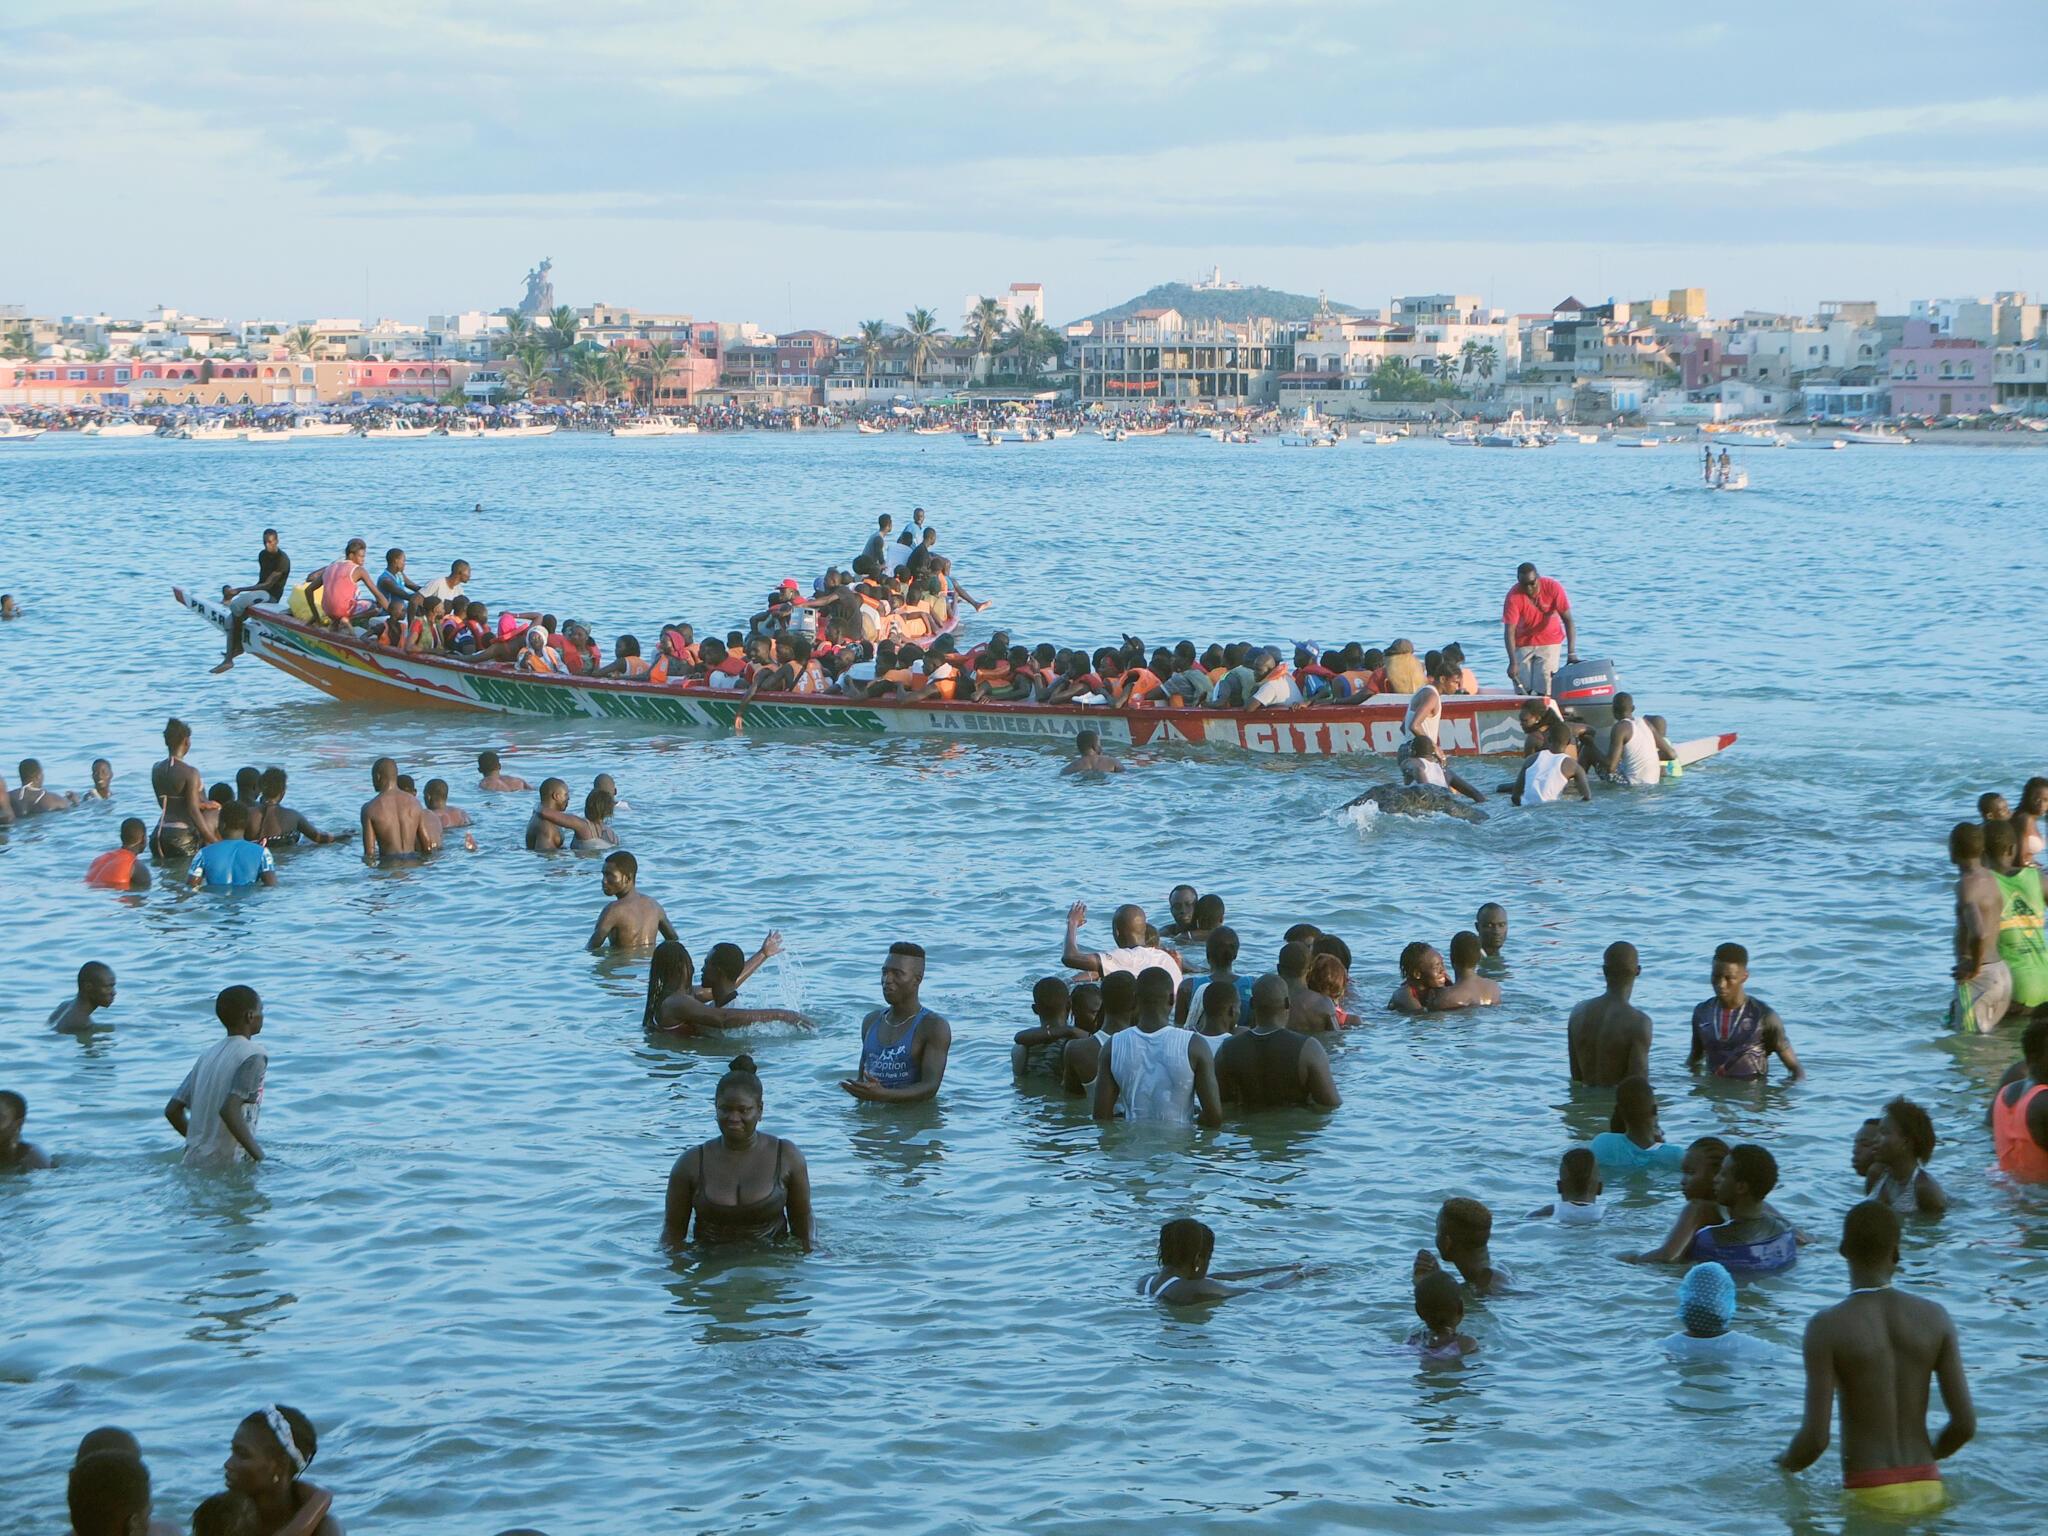 L'île de Ngor, l'un de lieux de détente favoris des habitants de Dakar, au Sénégal.